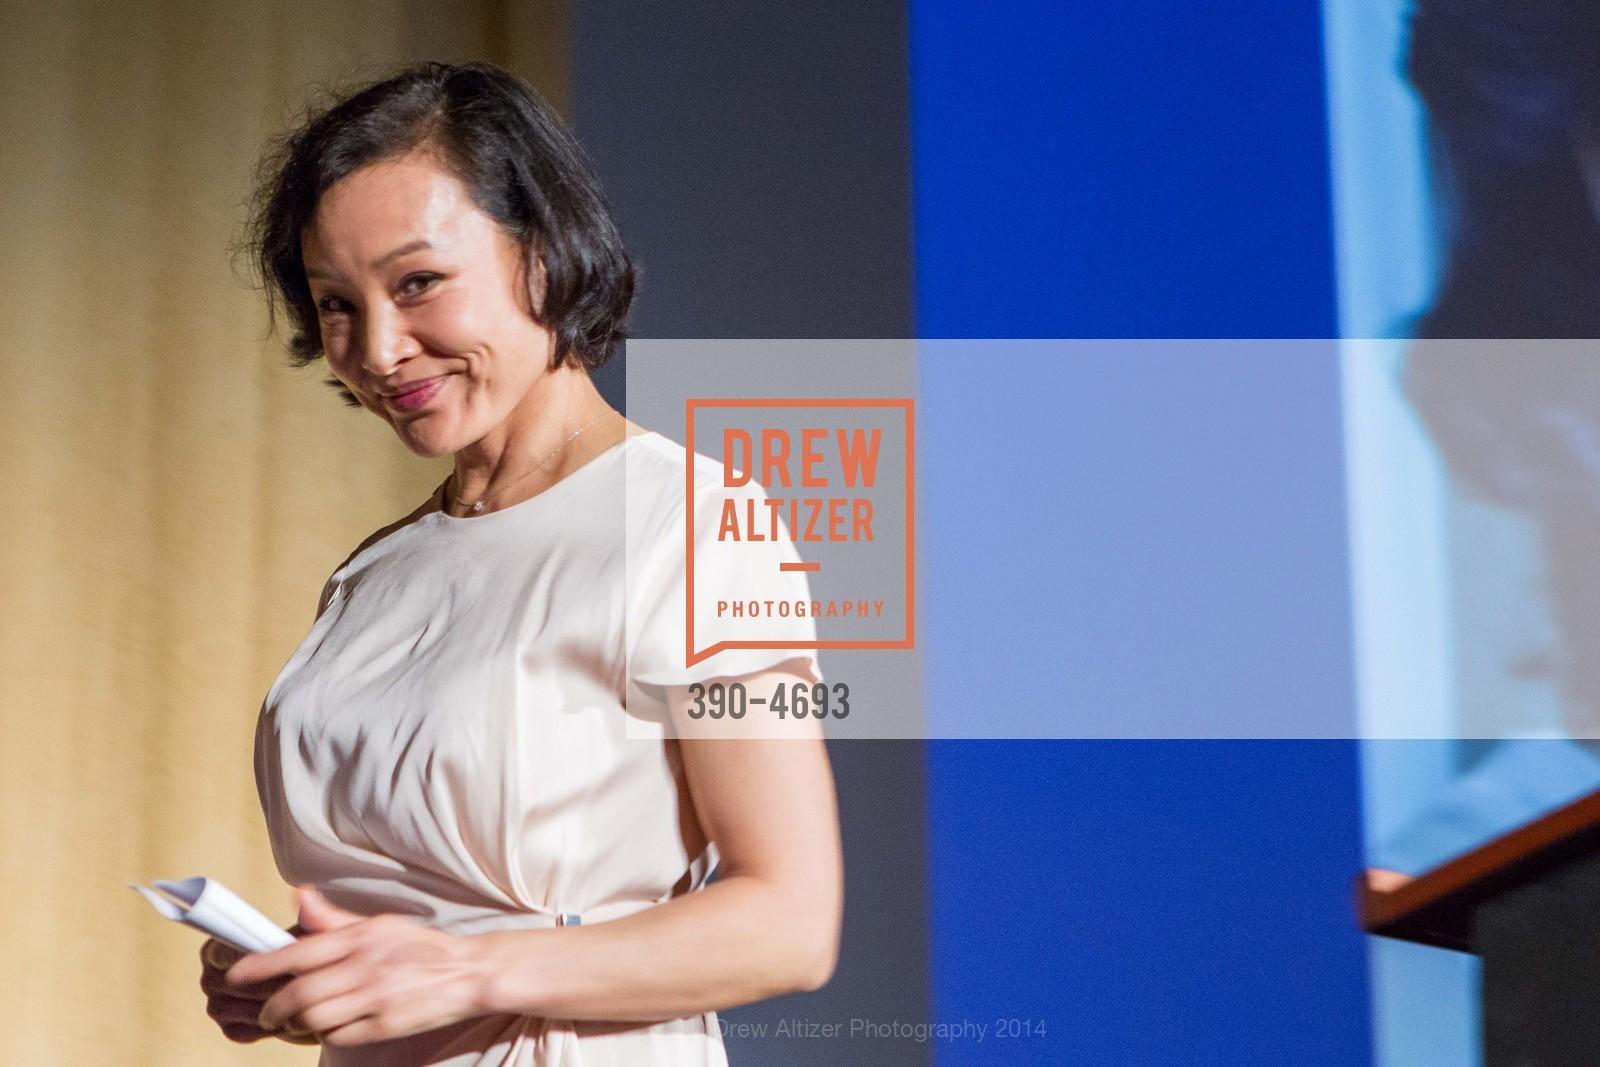 Joan Chen, Photo #390-4693